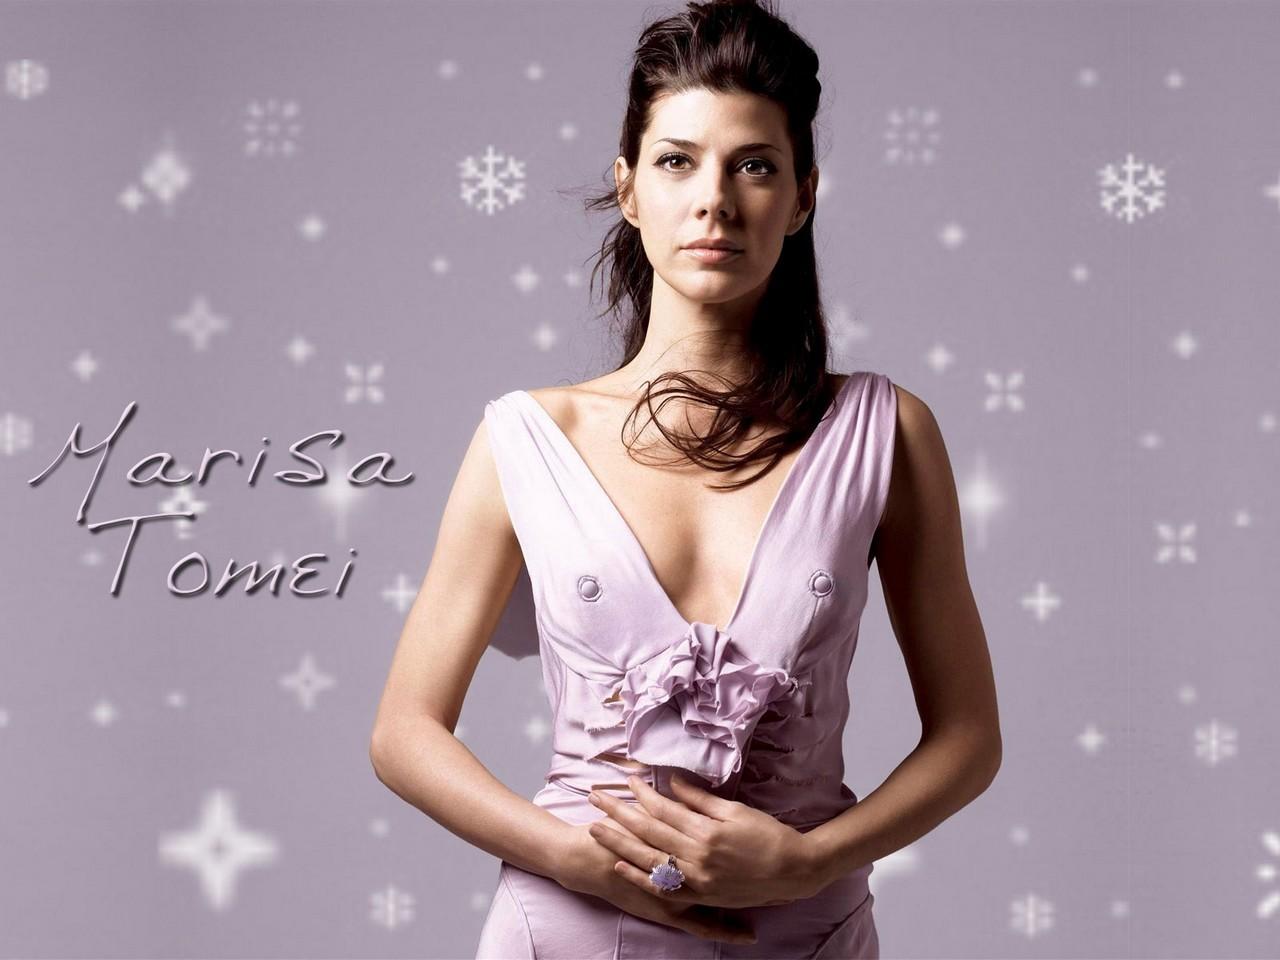 Marisa   Marisa Tomei Wallpaper 947840 1280x960